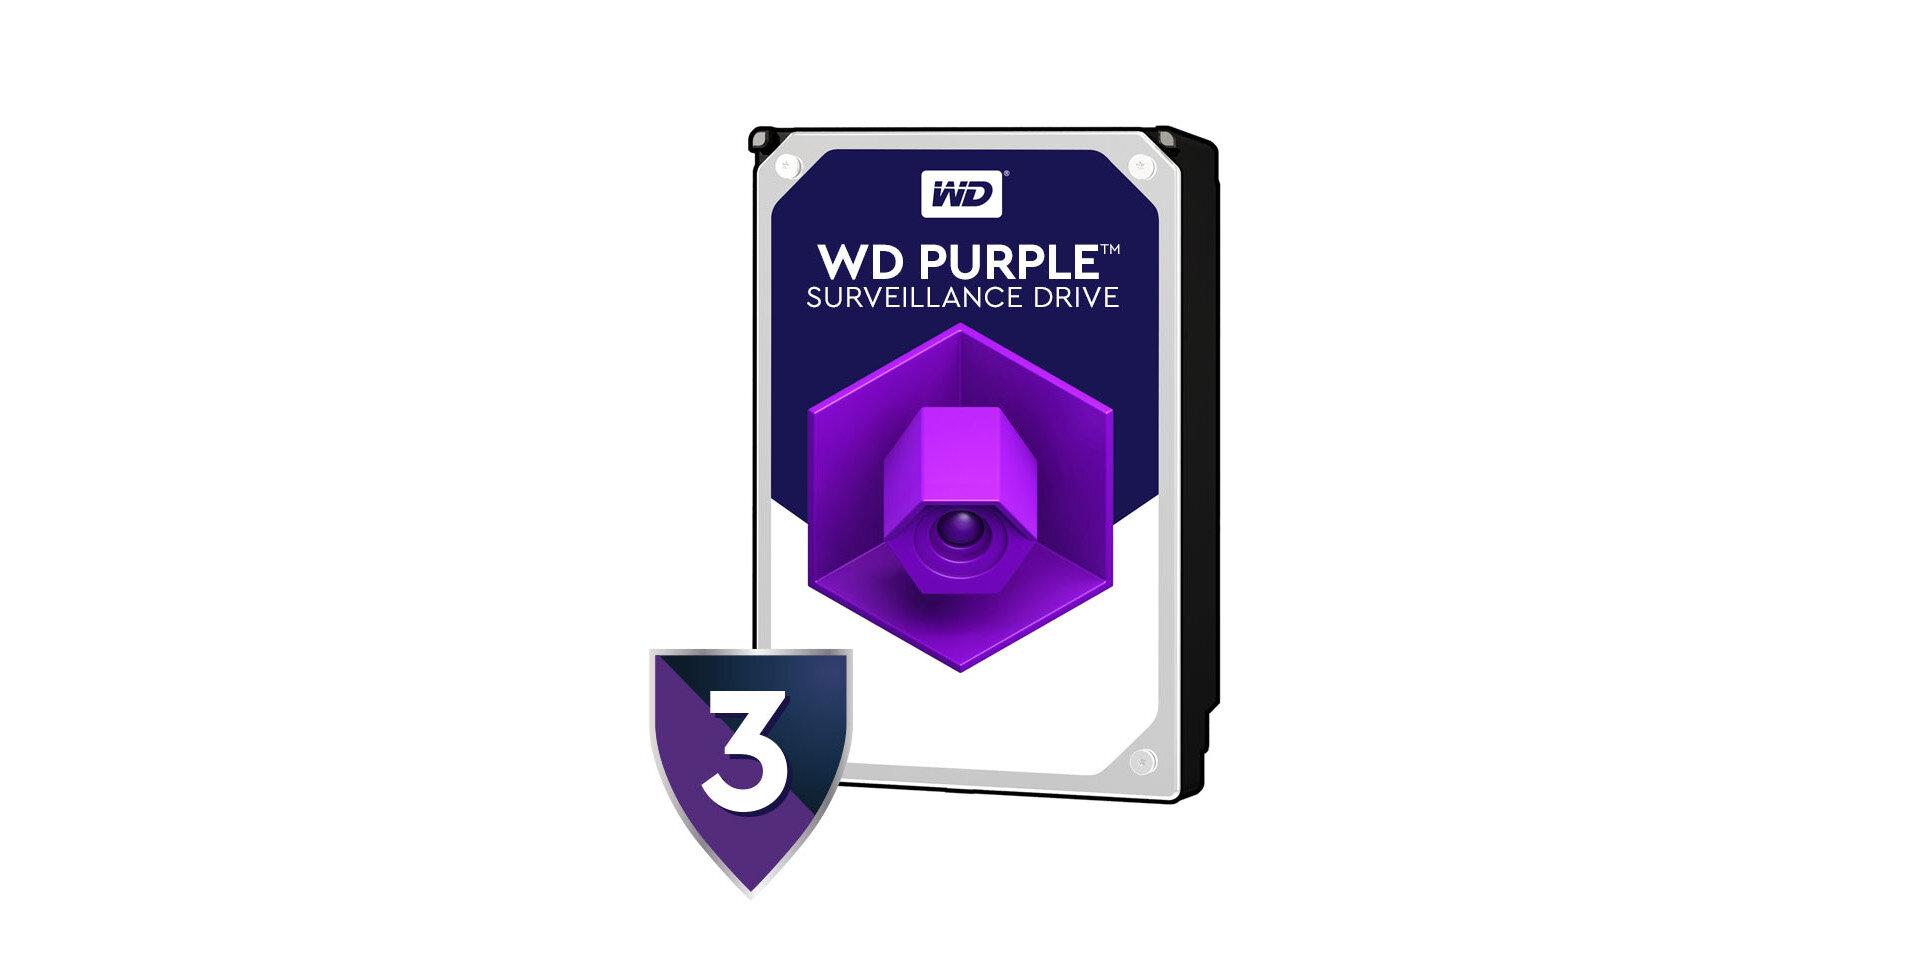 Wd Purple 2tb Surveillance Hard Drive - WD20PURZ